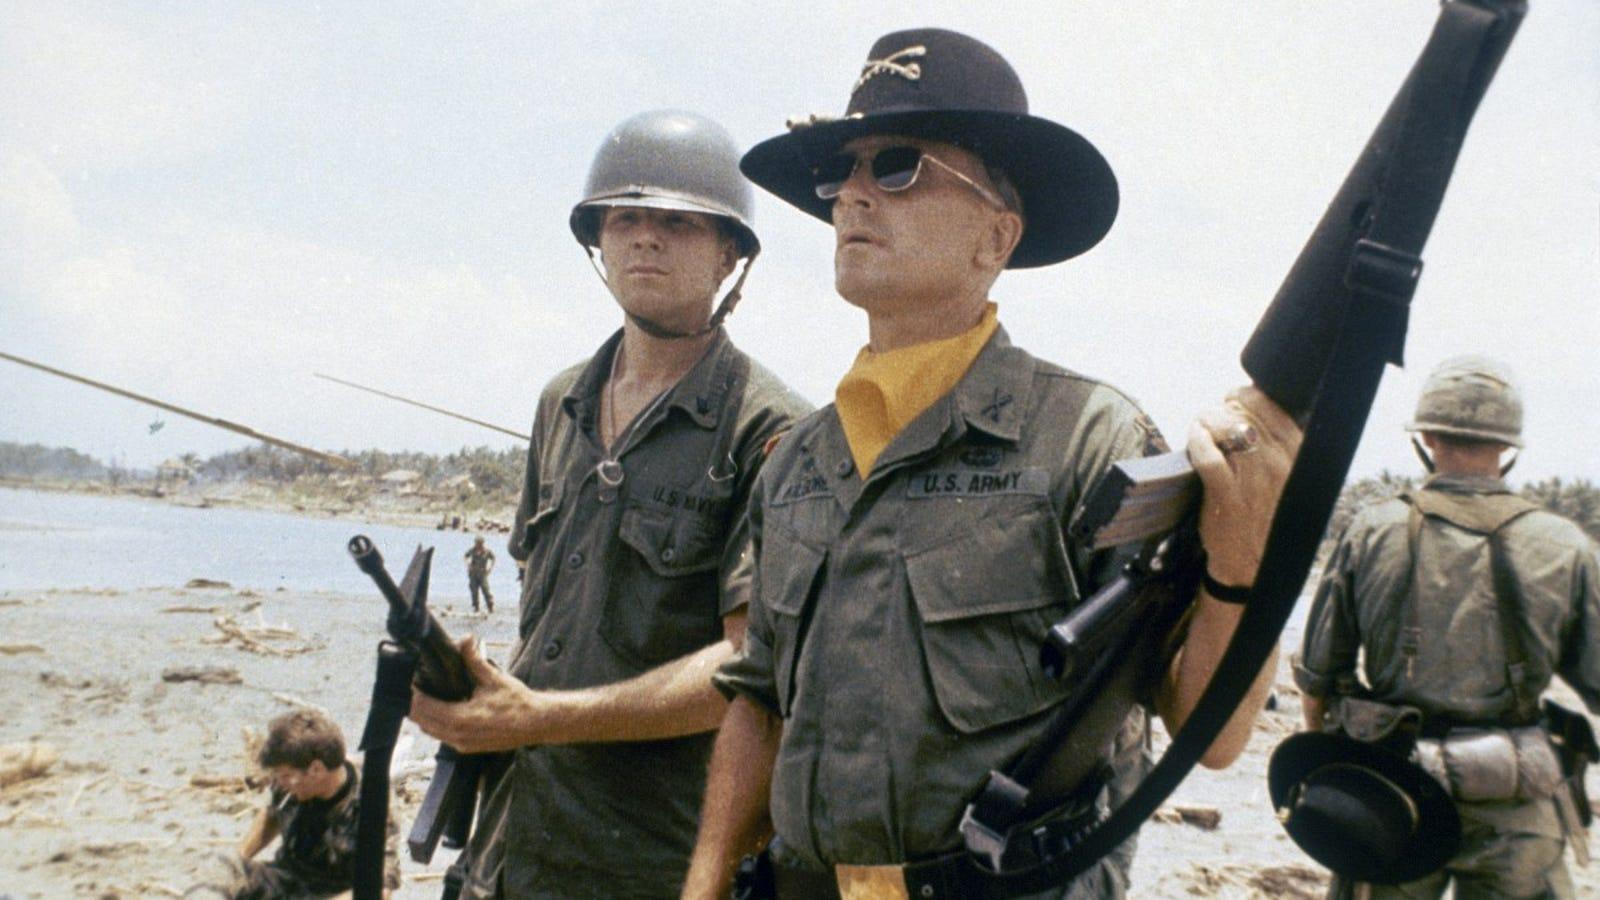 8 estrategias bélicas que hicieron las guerras más sanguinarias y letales